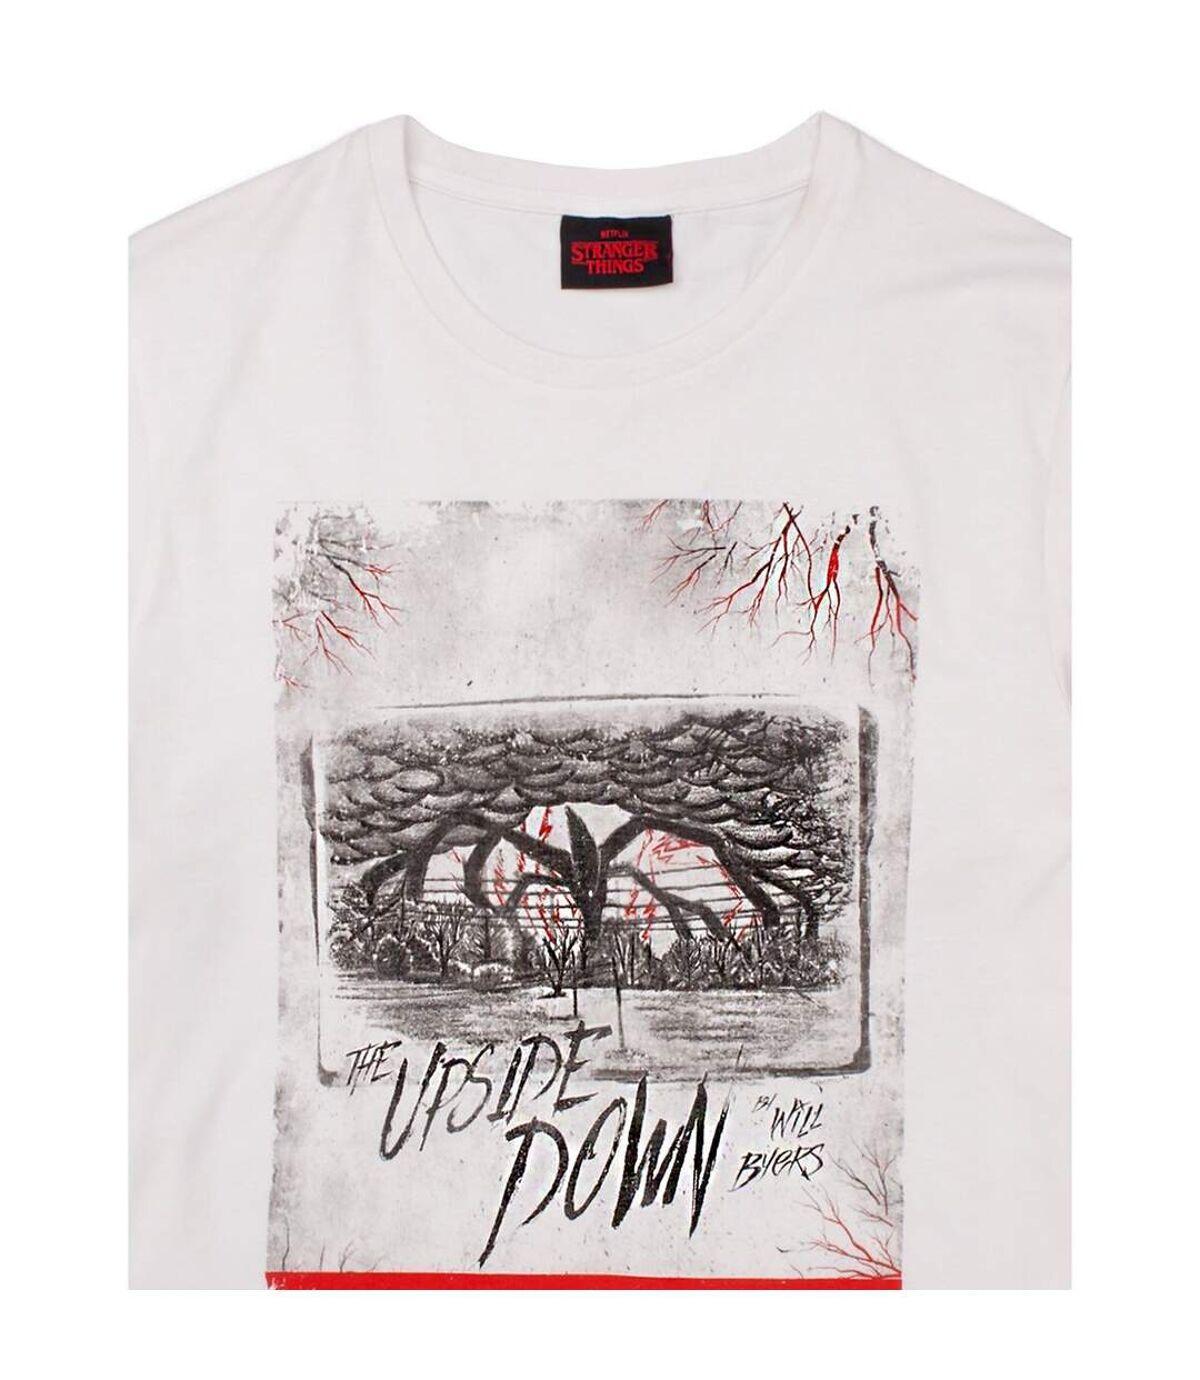 Stranger Things Mens Upside Down T-Shirt (White) - UTNS5806